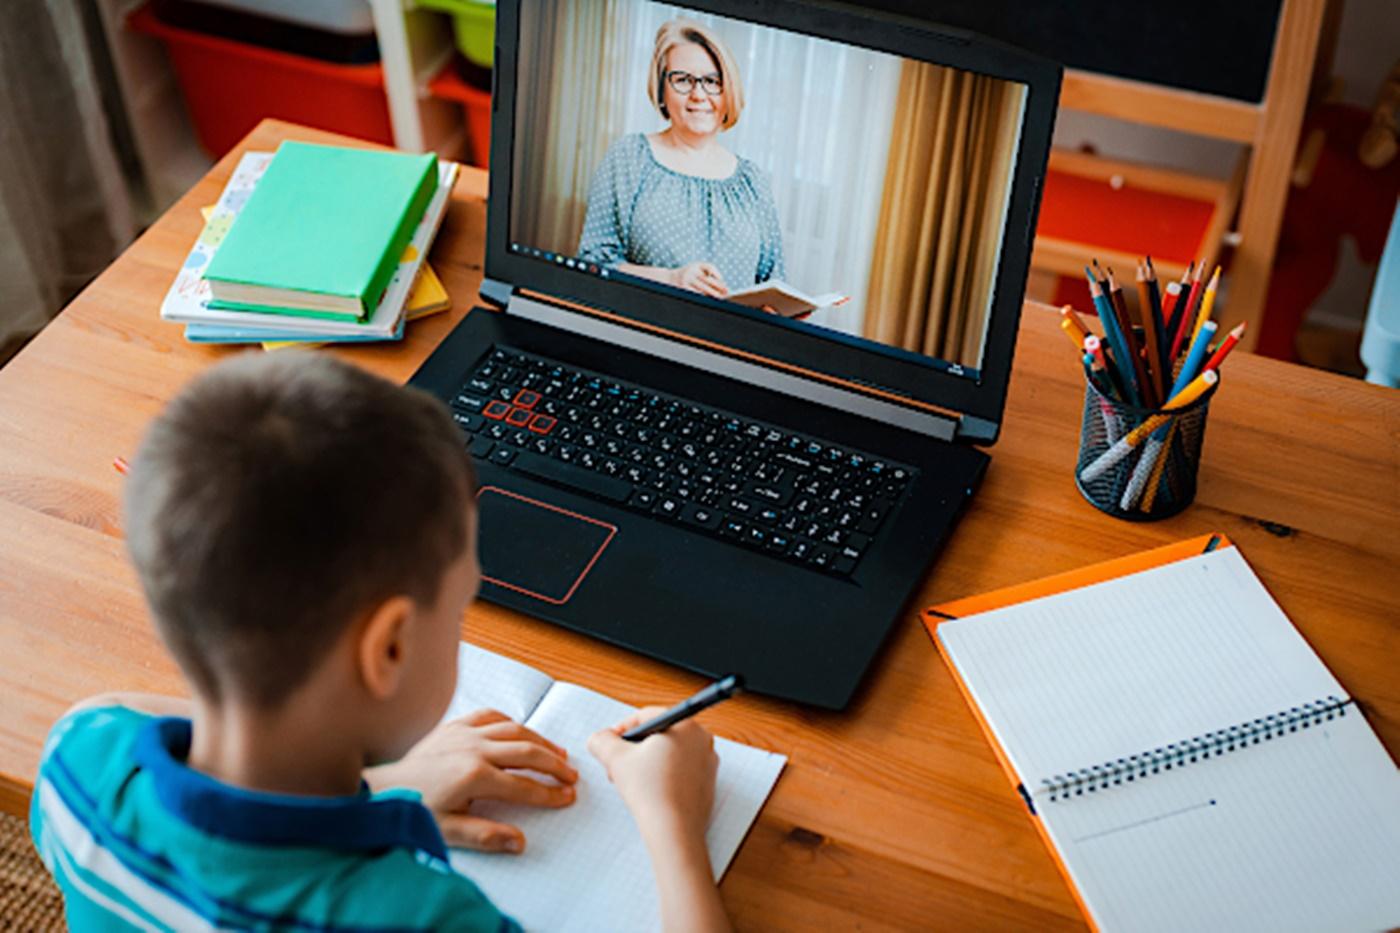 Comandă de tablete pentru școala online din toamnă